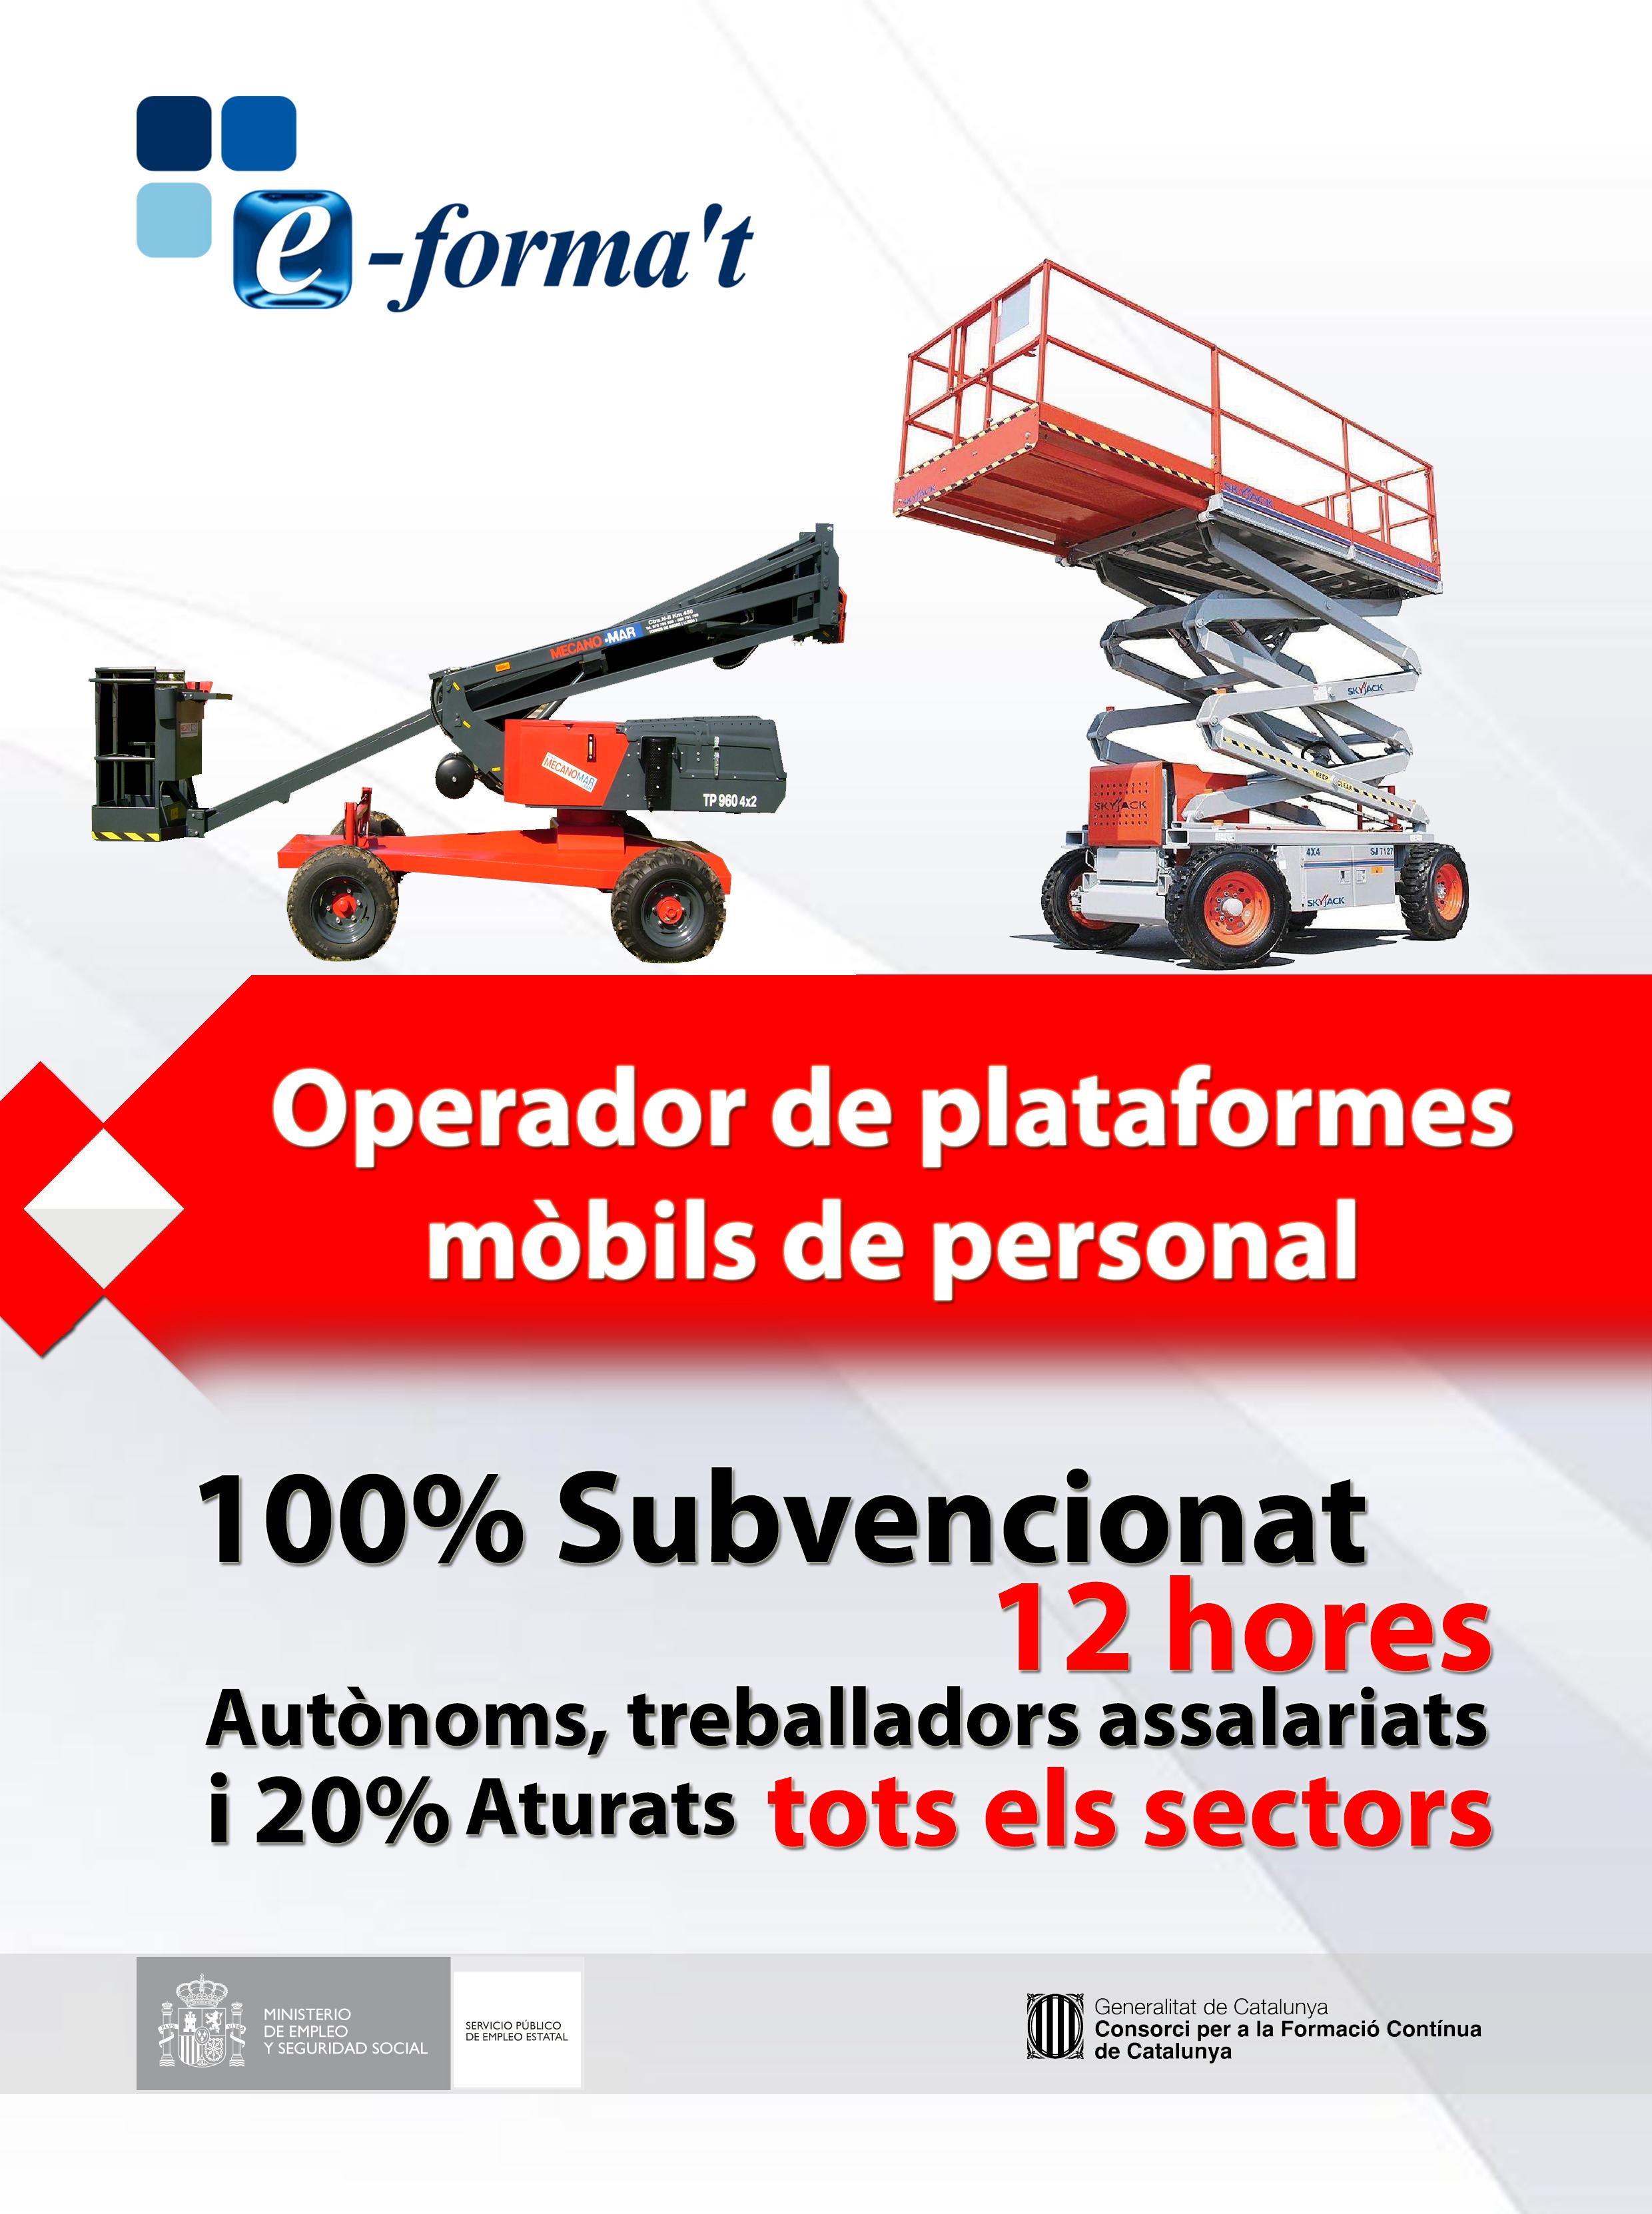 Operador de plataformes mobils de personal